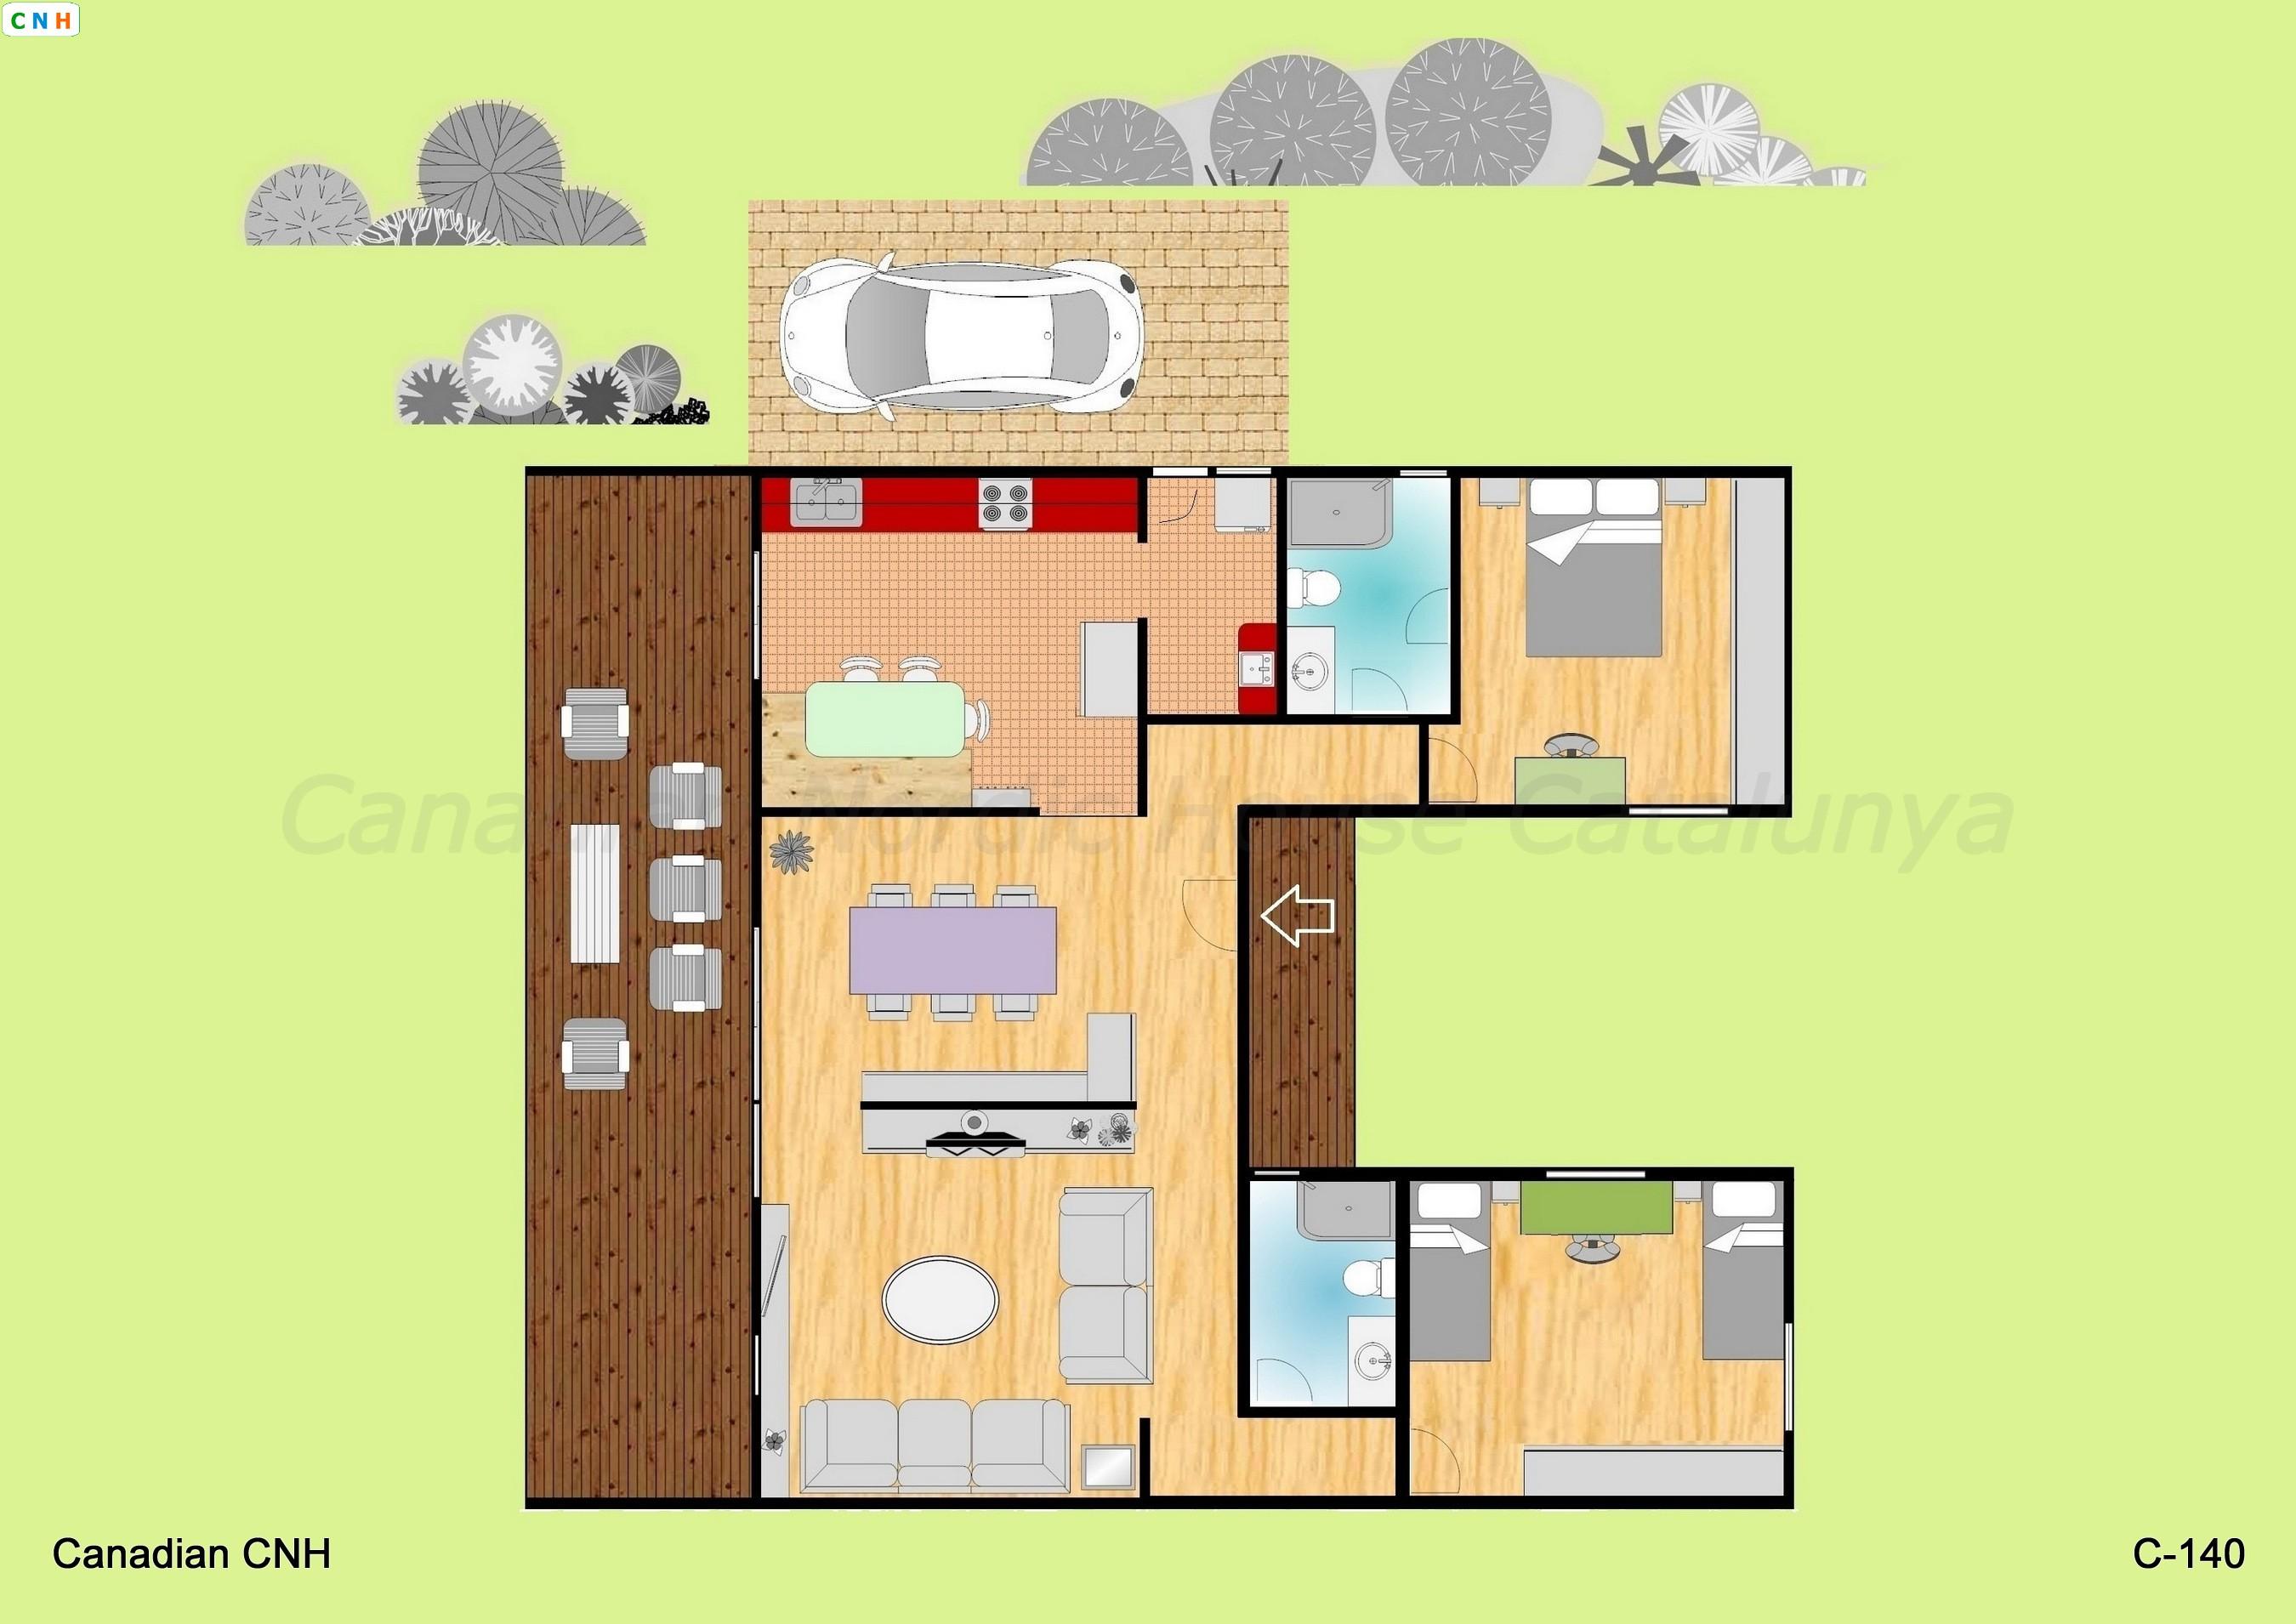 2 habitaciones - Construcciones de casas de madera ...